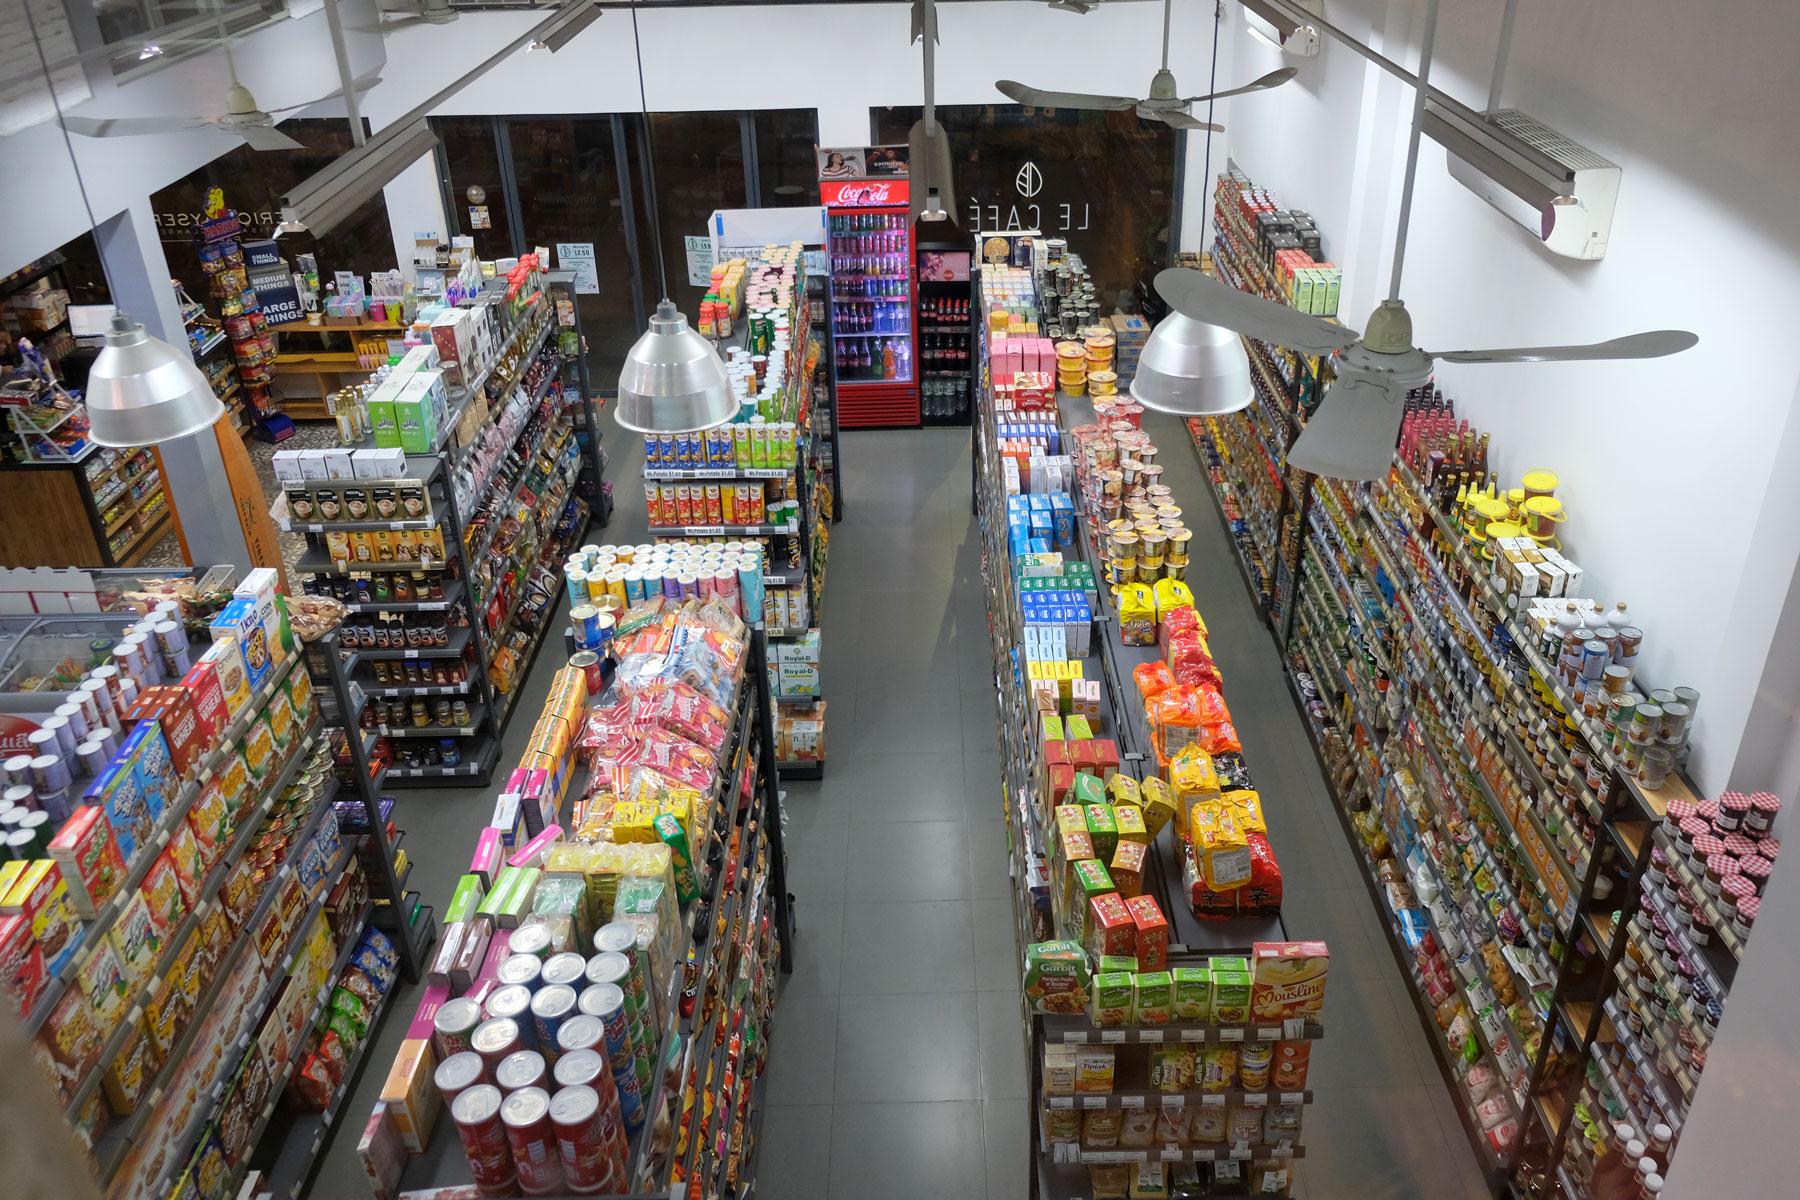 Die gefüllten Regale eines kleinen Supermarkts